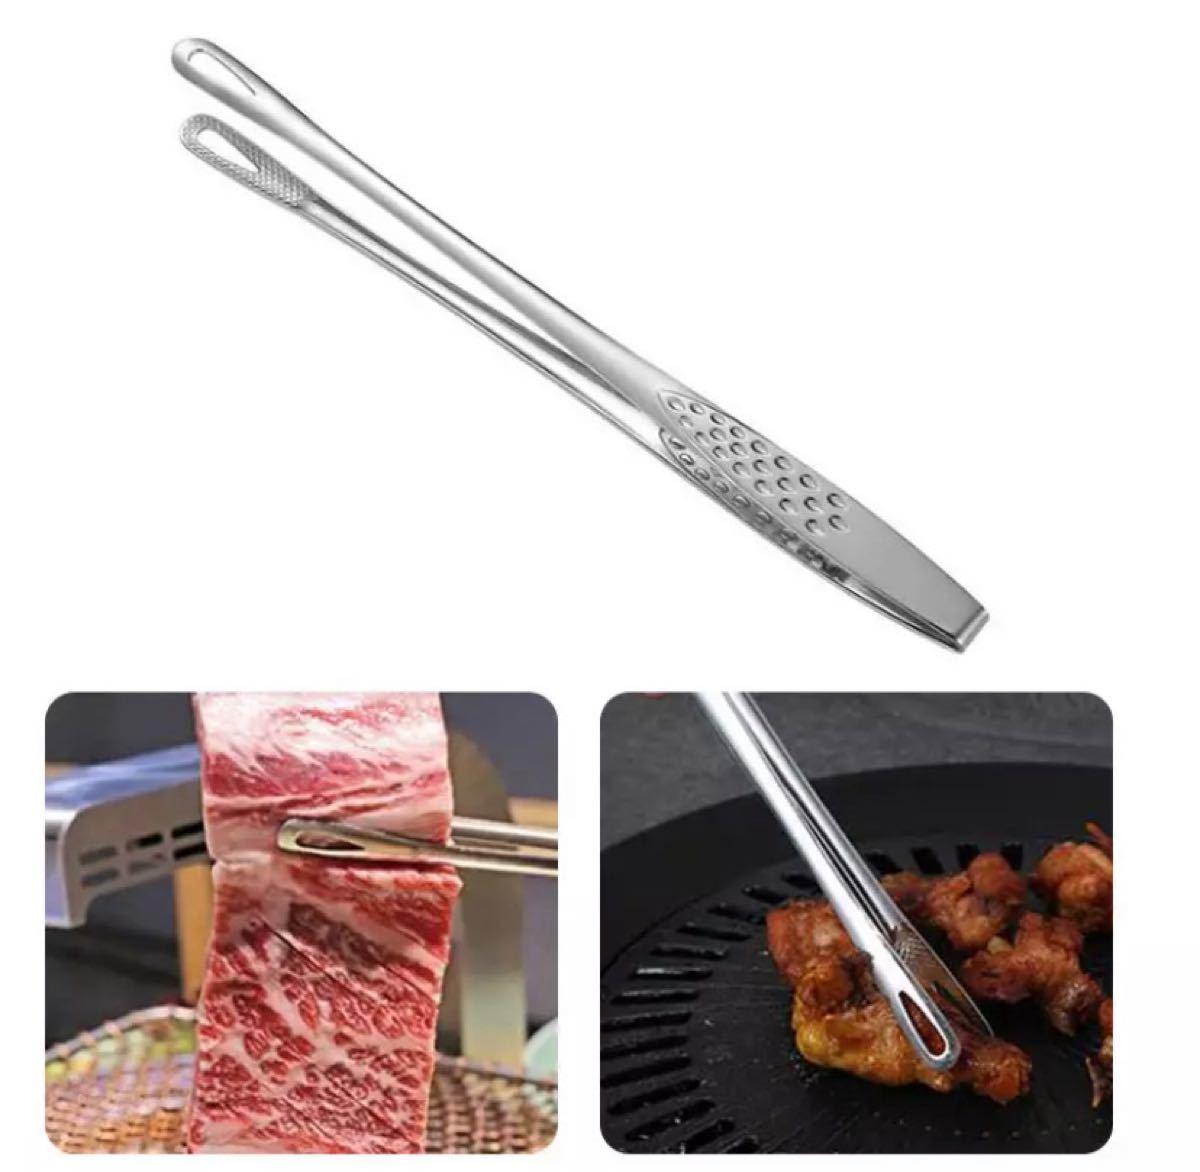 ステンレストング*シルバー銀色BBQ韓国焼肉焼き肉キャンプギアウトドア用品